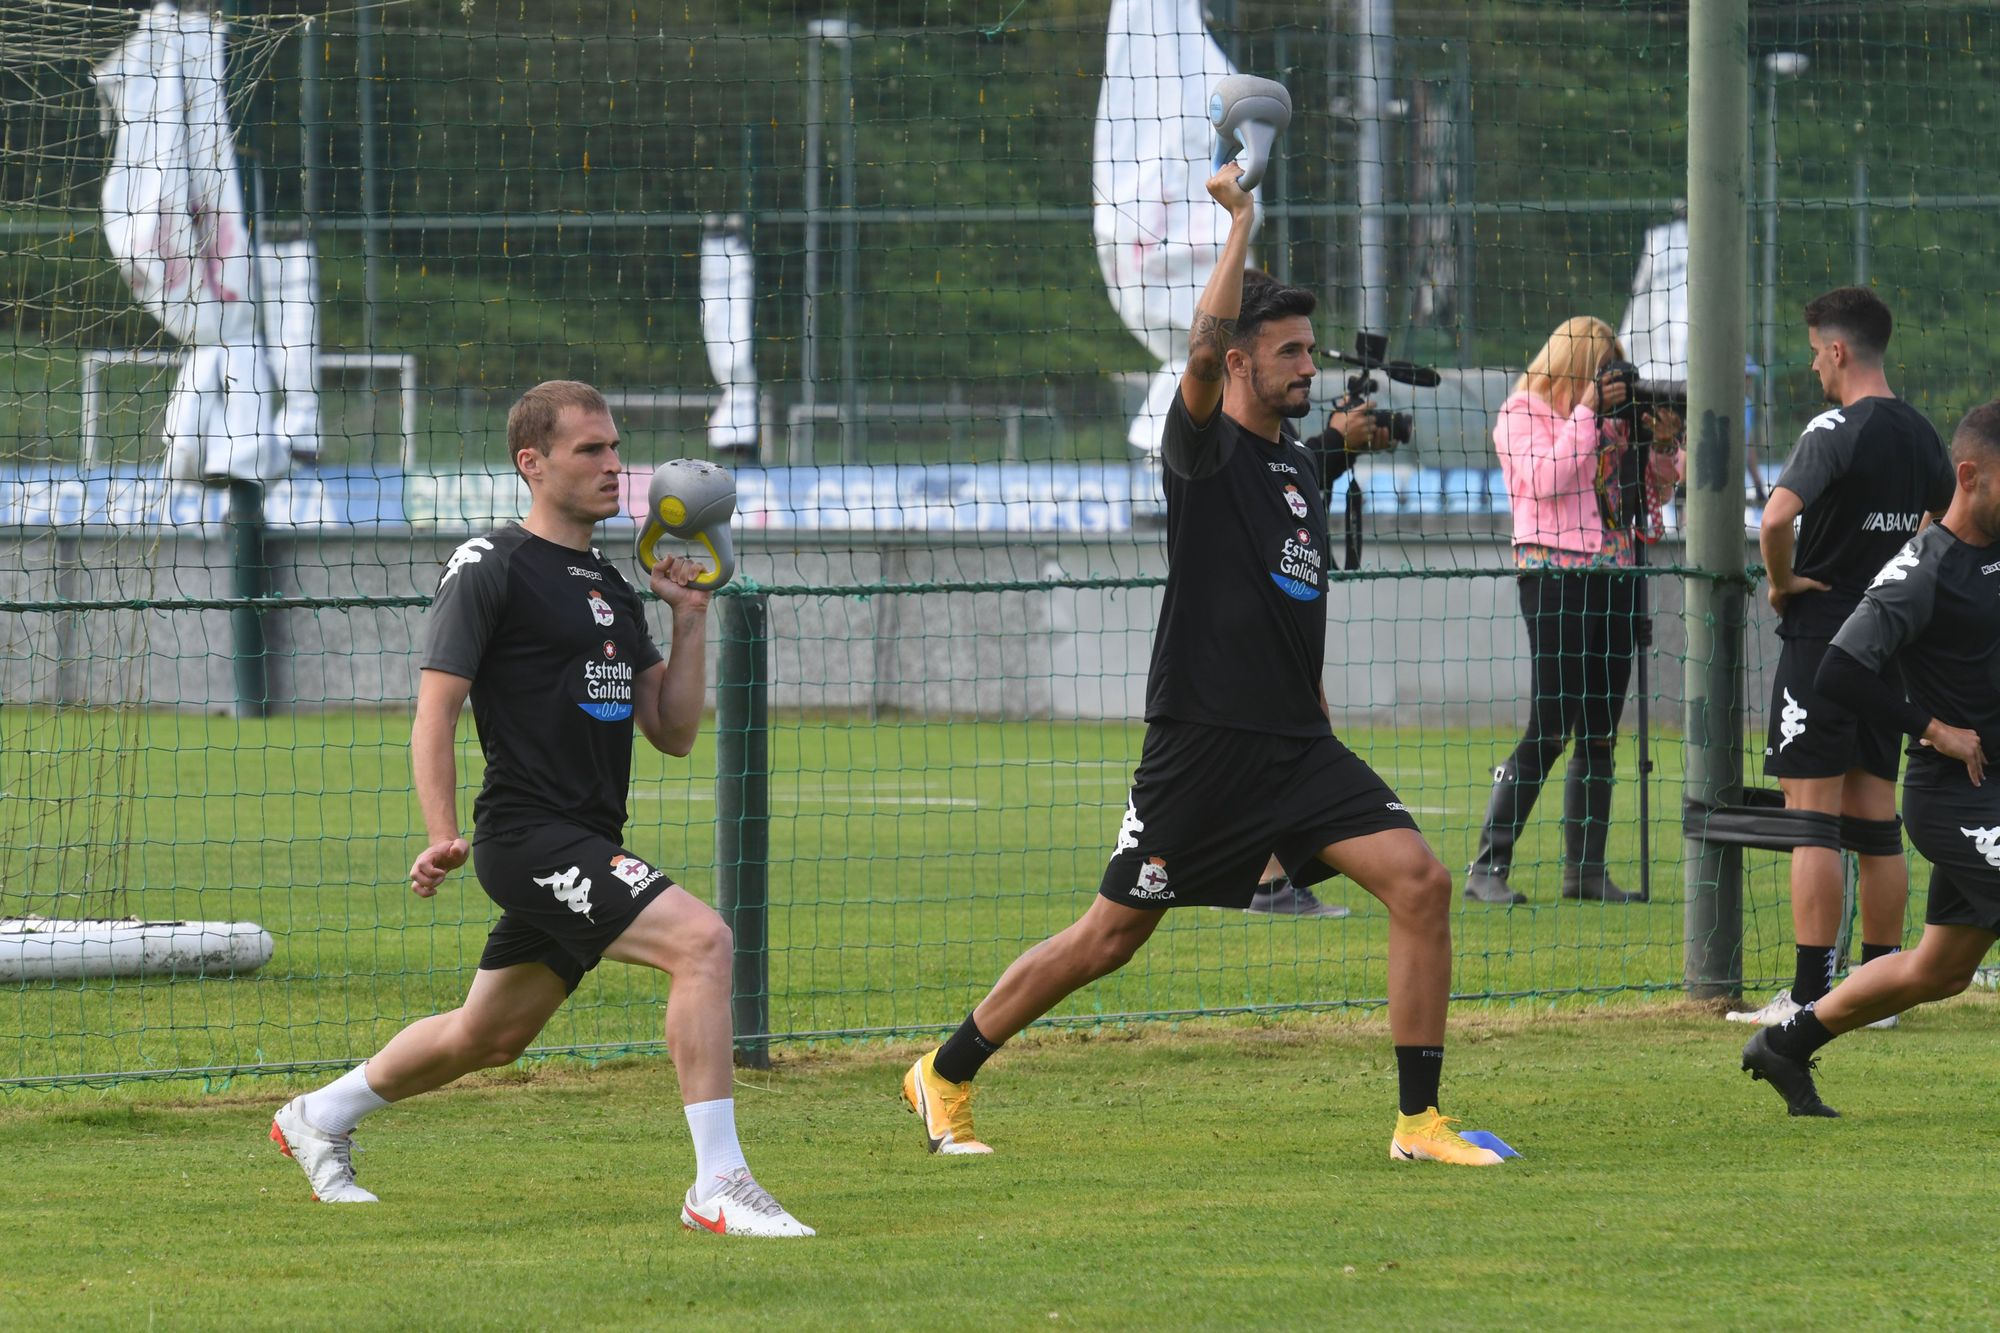 Doble turno de entrenamiento para el Deportivo